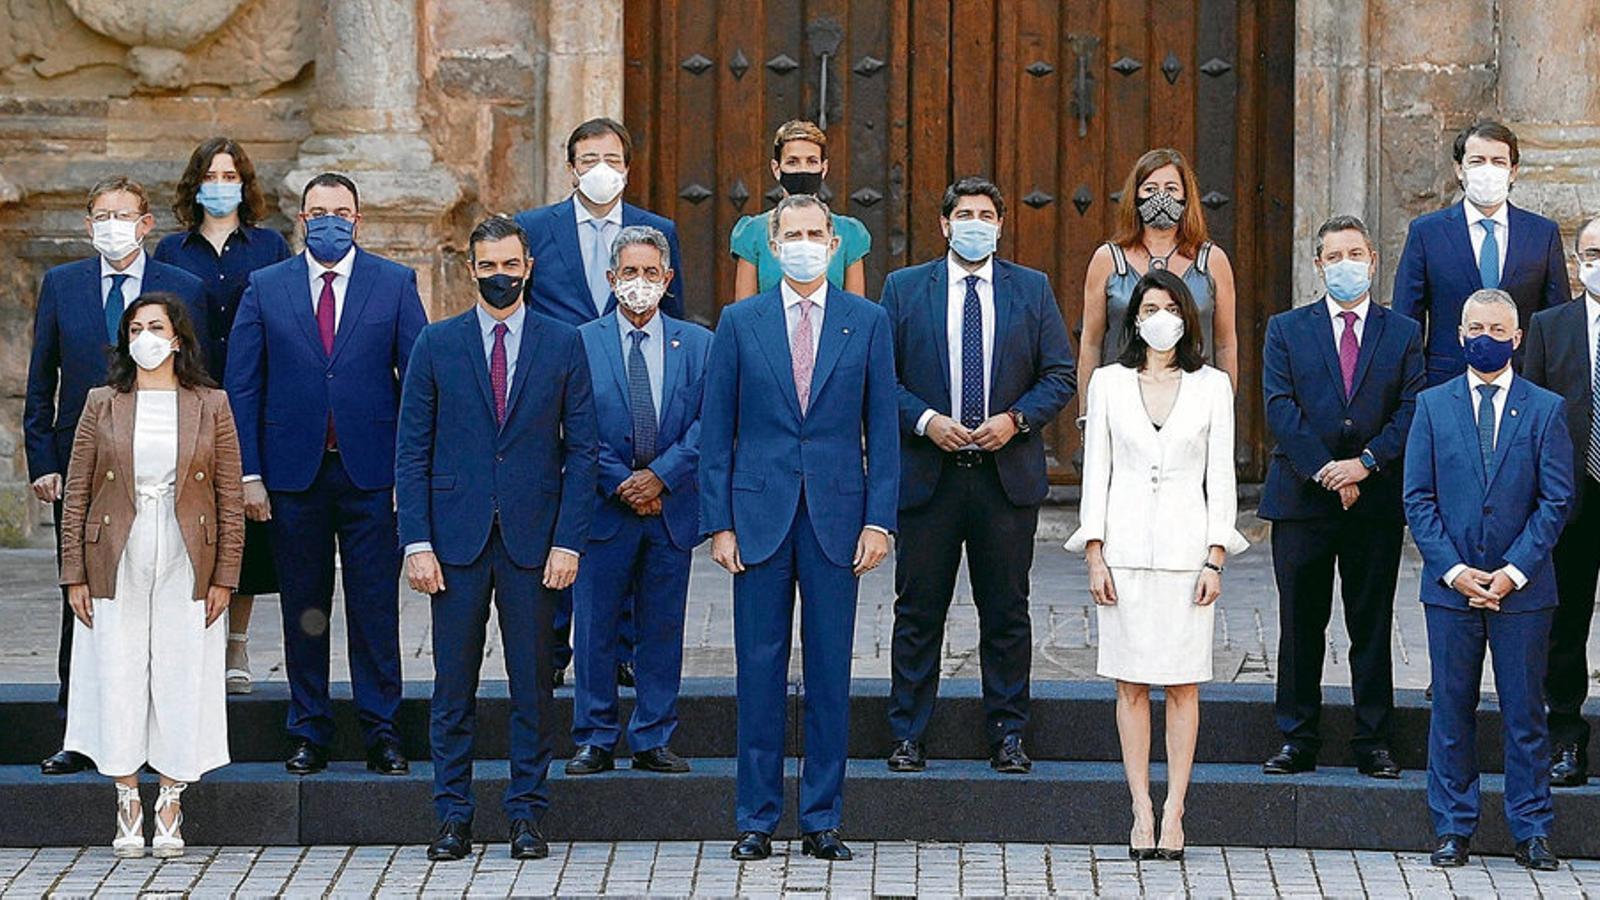 Felip VI presidint la fotografia oficial de la XXI Conferència de presidents, a San Millán de la Cogolla.